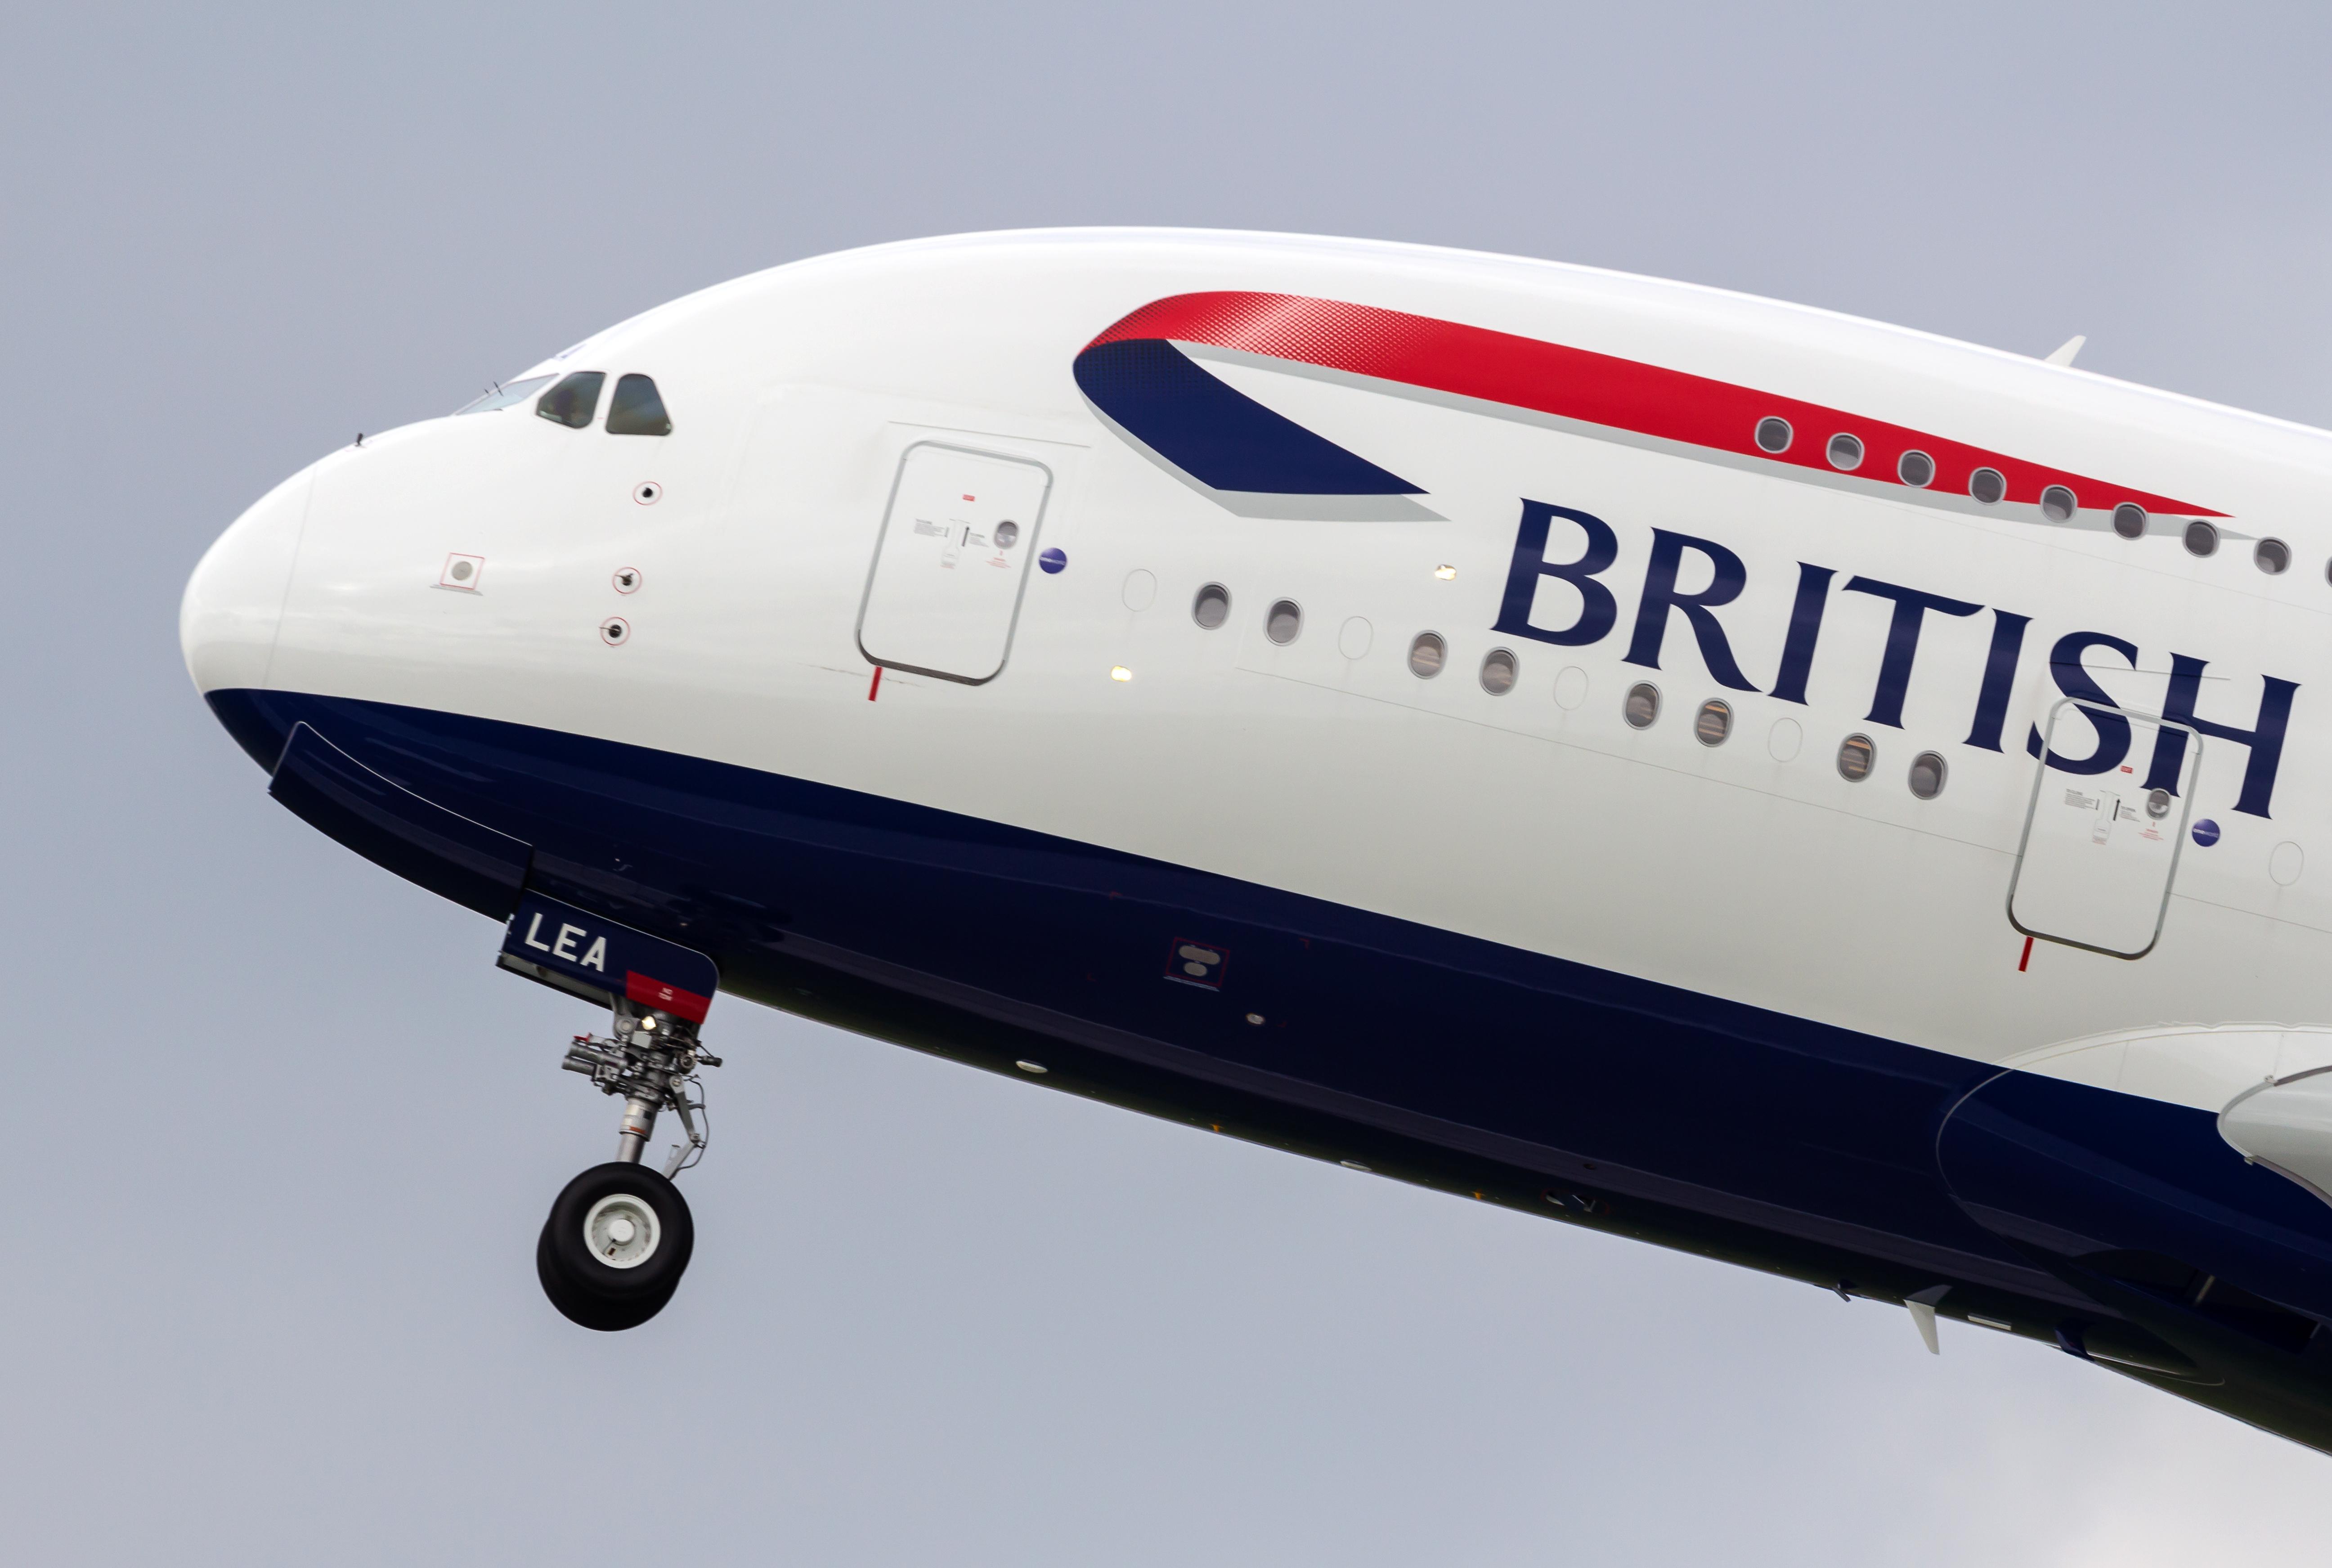 930b59b0588c53 Samolot BA wydaje się zasmucony decyzją ICO o nałożeniu kary (fot.  pl.depositphotos.com/stock-photography.html). Brytyjski organ ochrony danych  ...